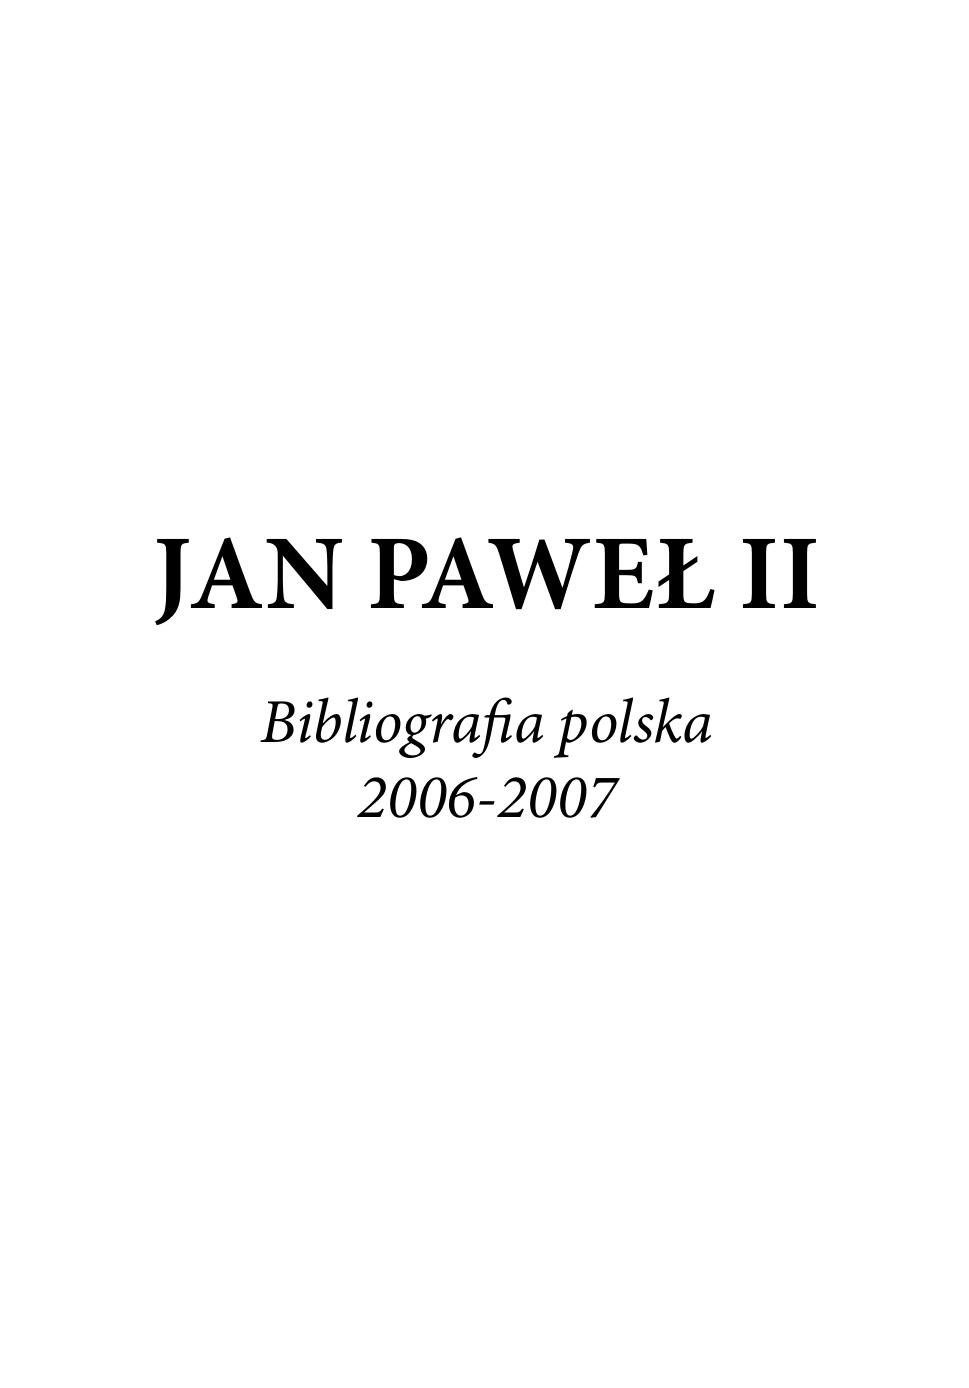 Jan Paweł Ii Centrum Myśli Jana Pawła Ii Manualzzcom